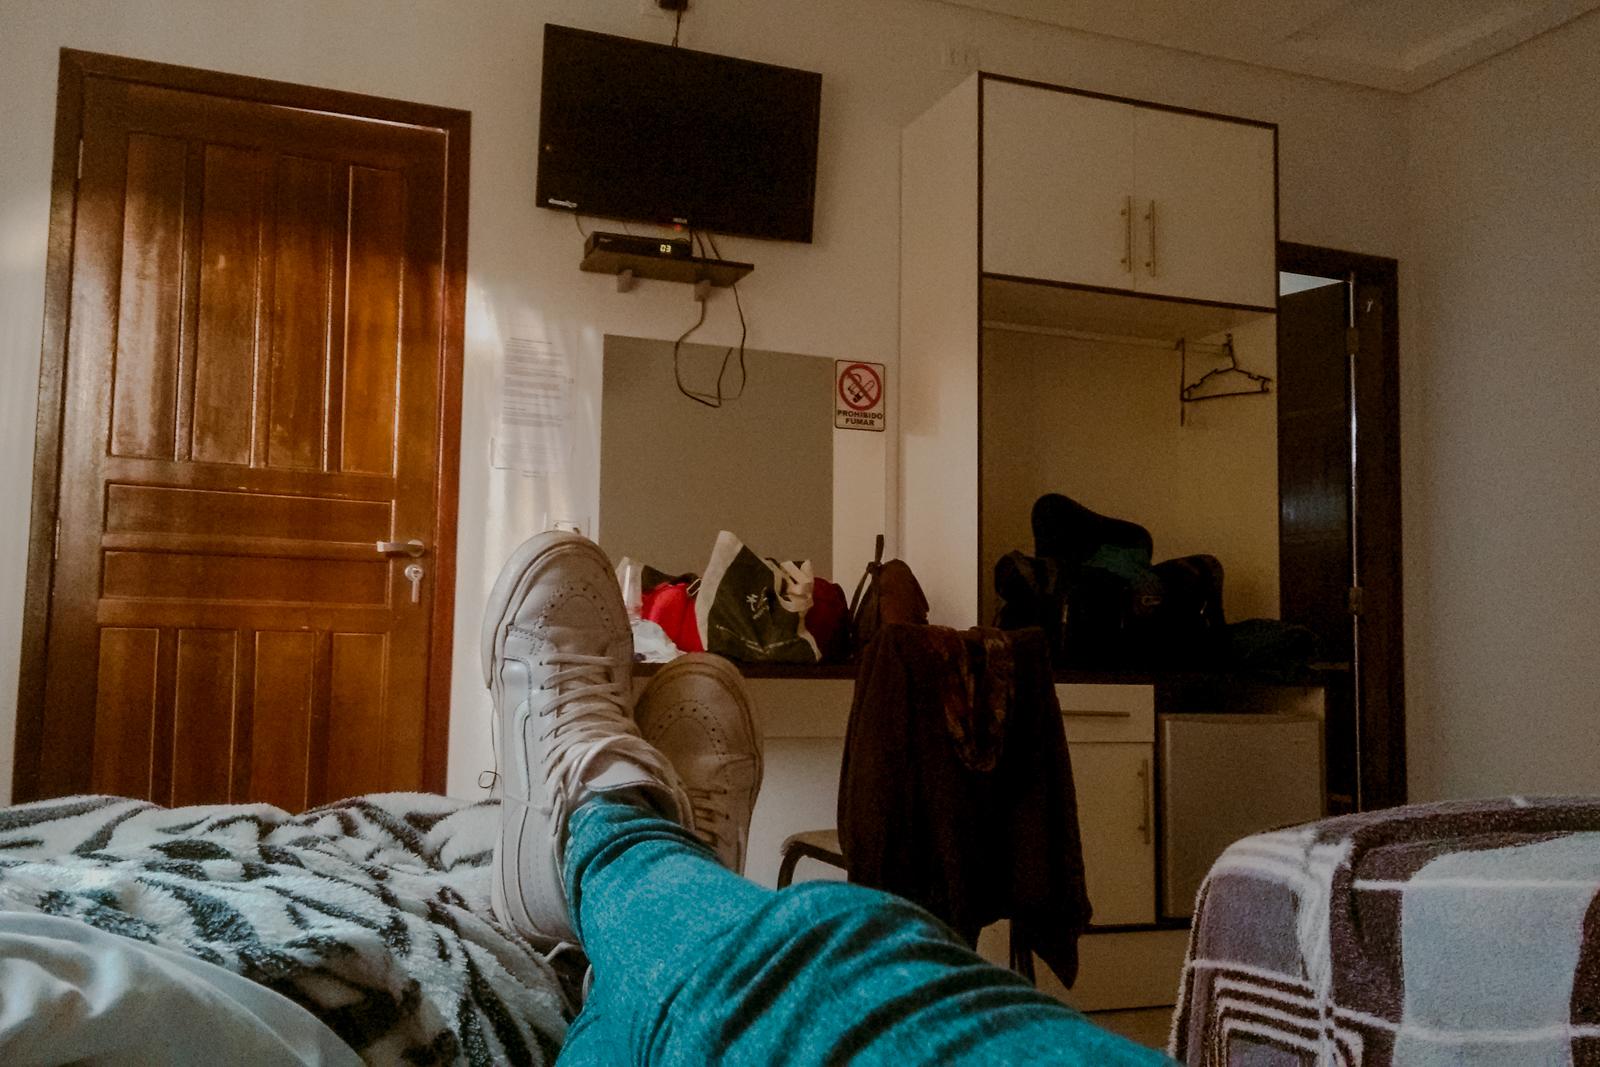 descansando quarto pousada